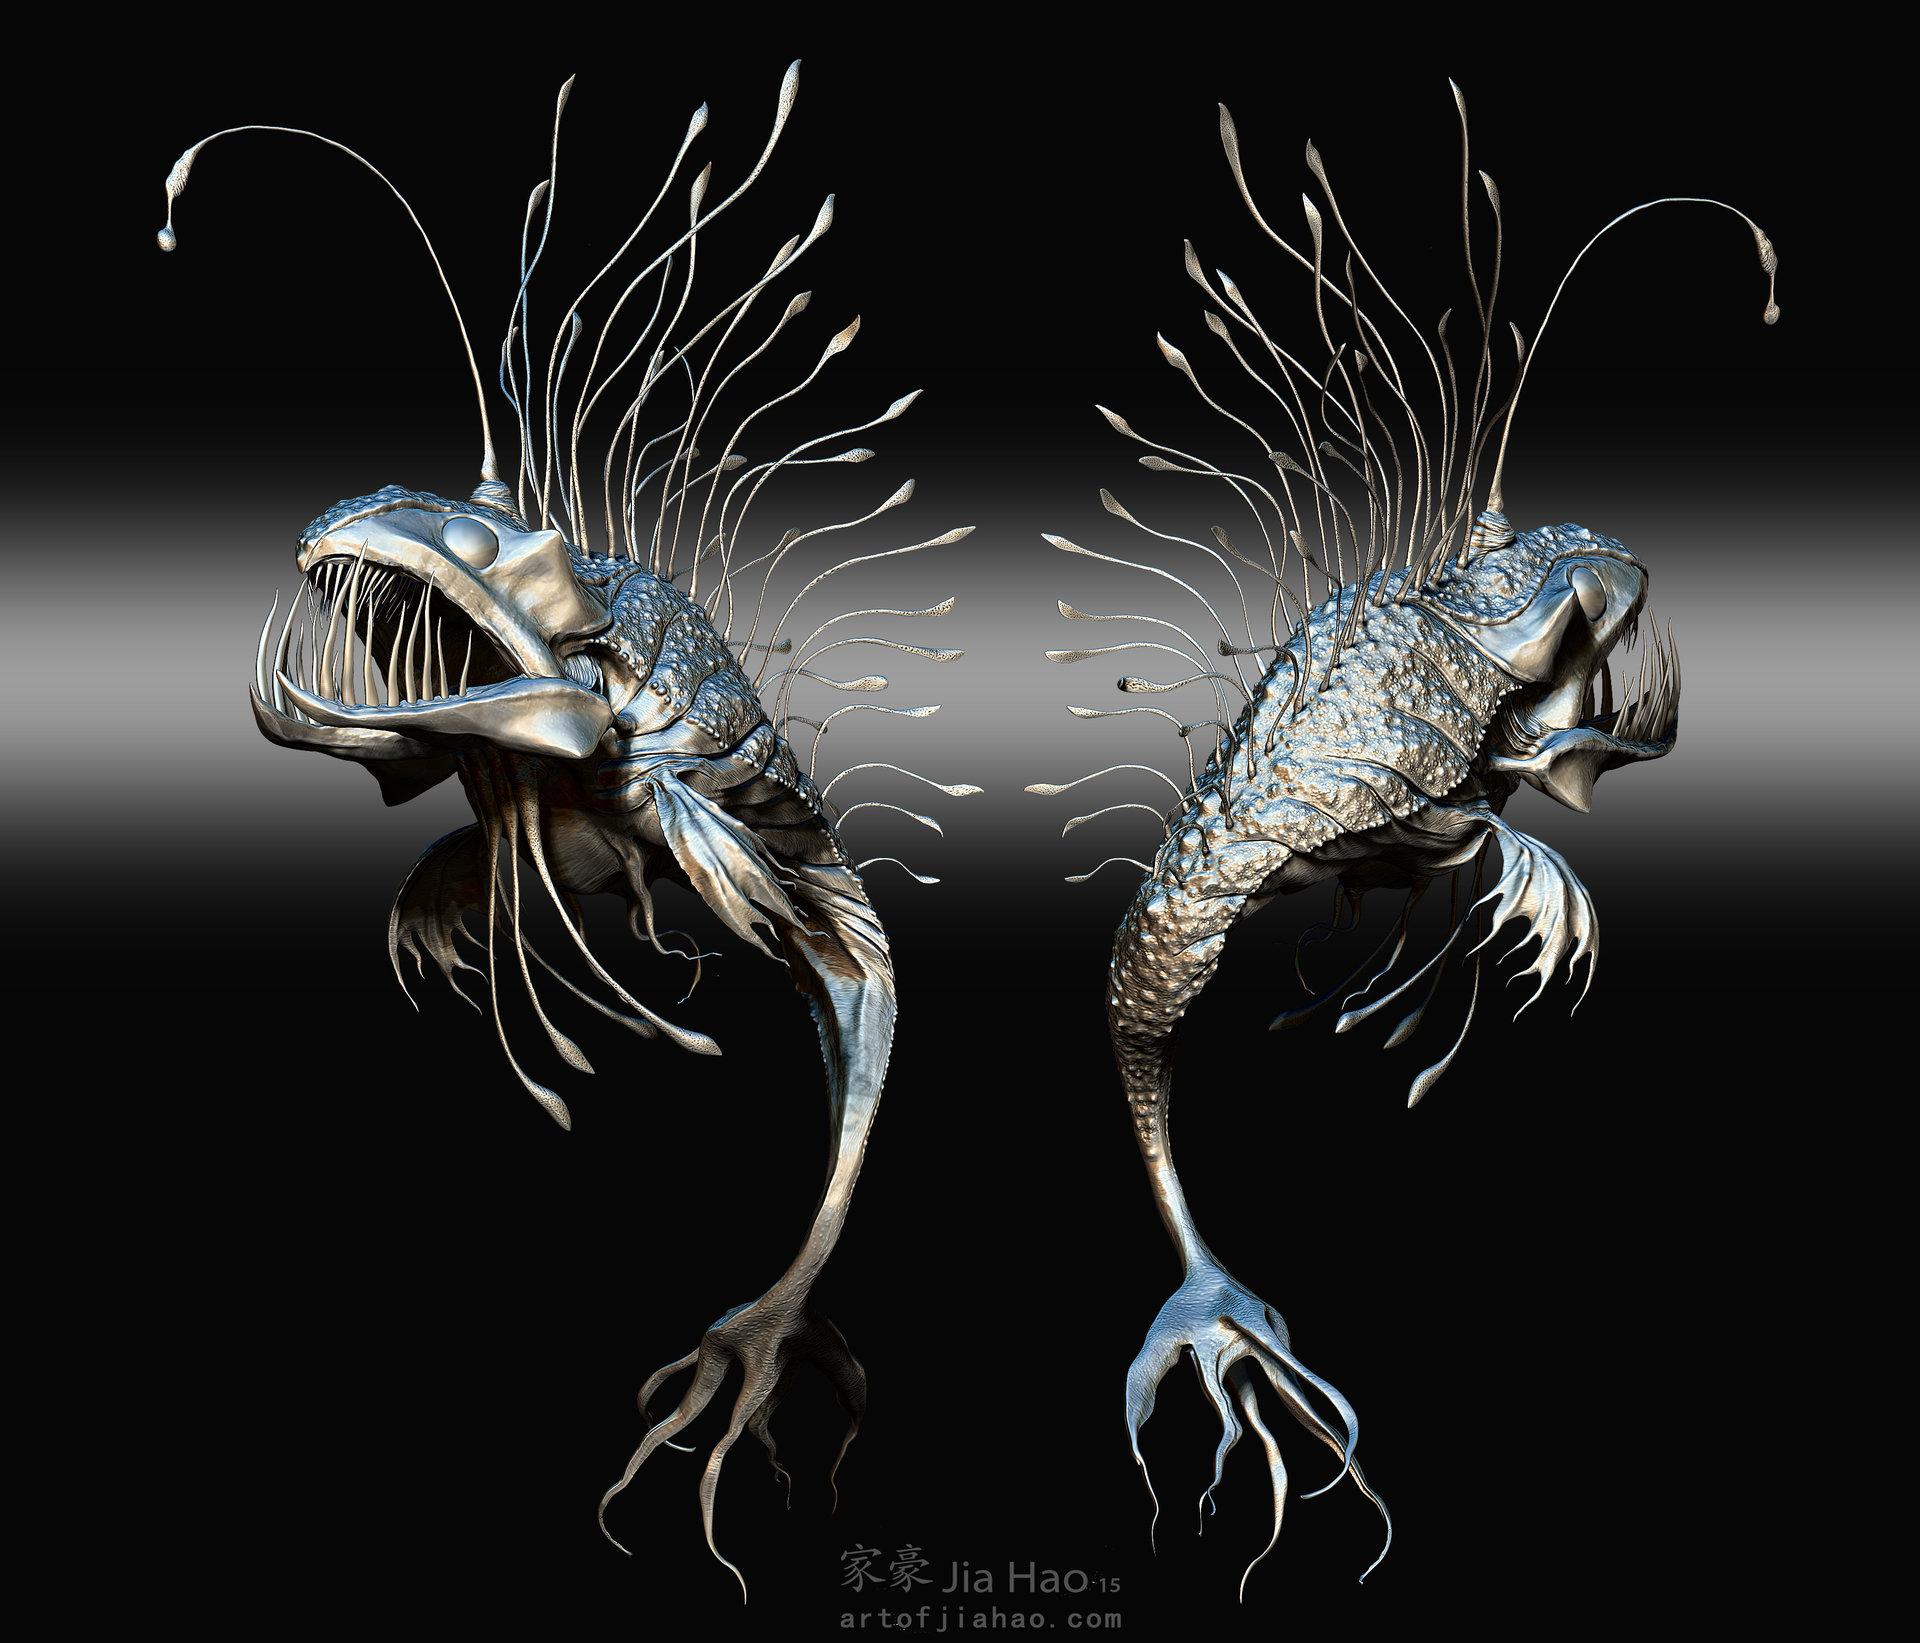 Jia hao 2015 08 deepseadevil designpresentation sculpt 01